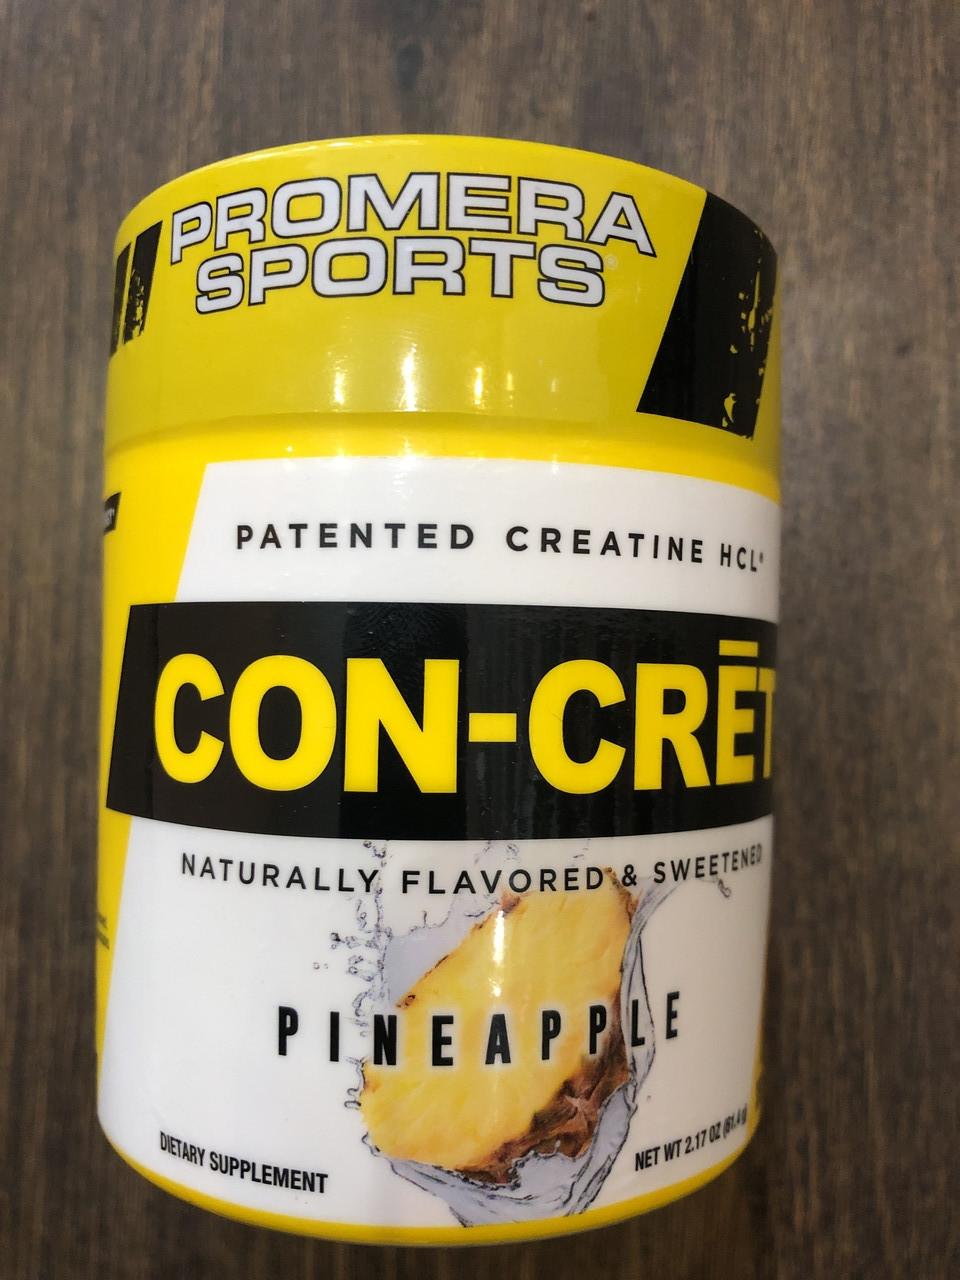 Креатин кон крет, ProMera Sports, Con-cret, 69 грам, 64 порцій